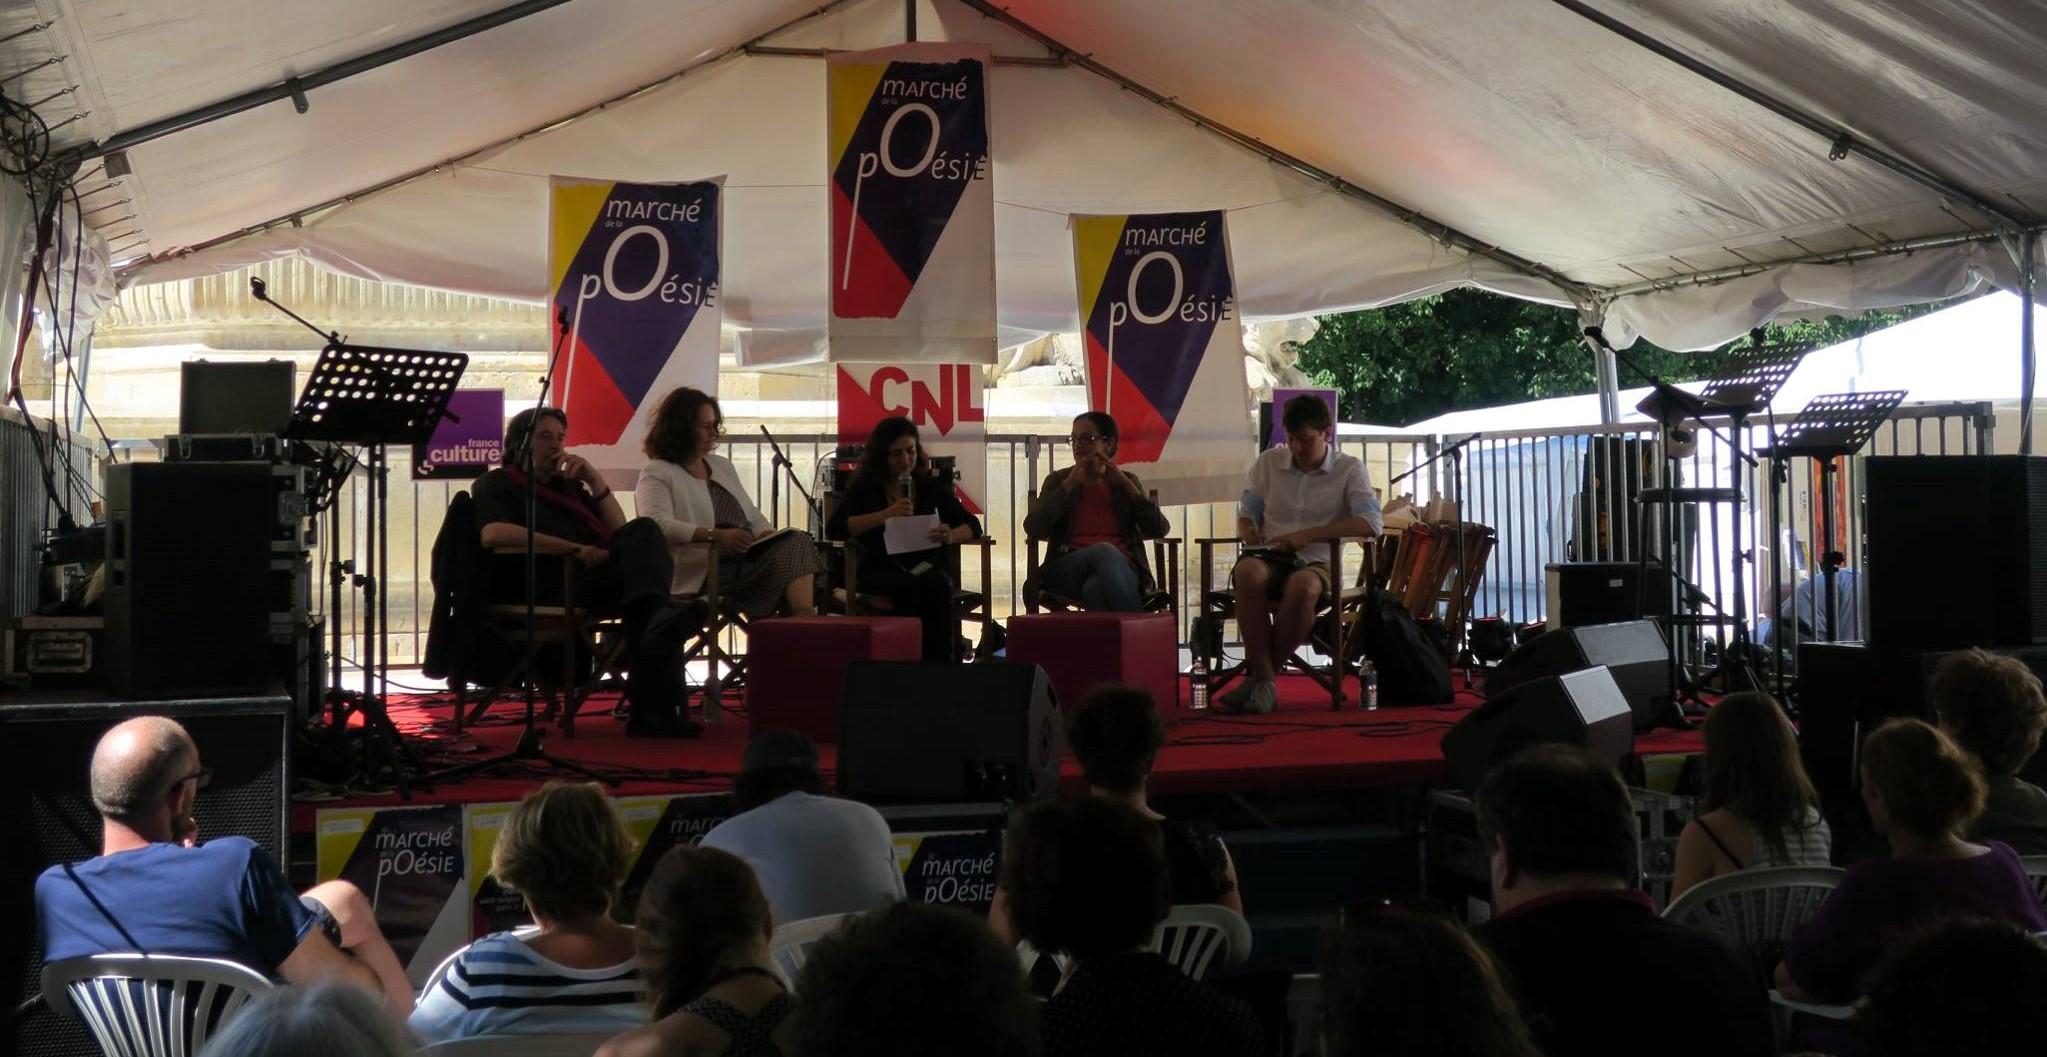 Le Québec, à l'honneur du 36e marché de la poésie de Paris